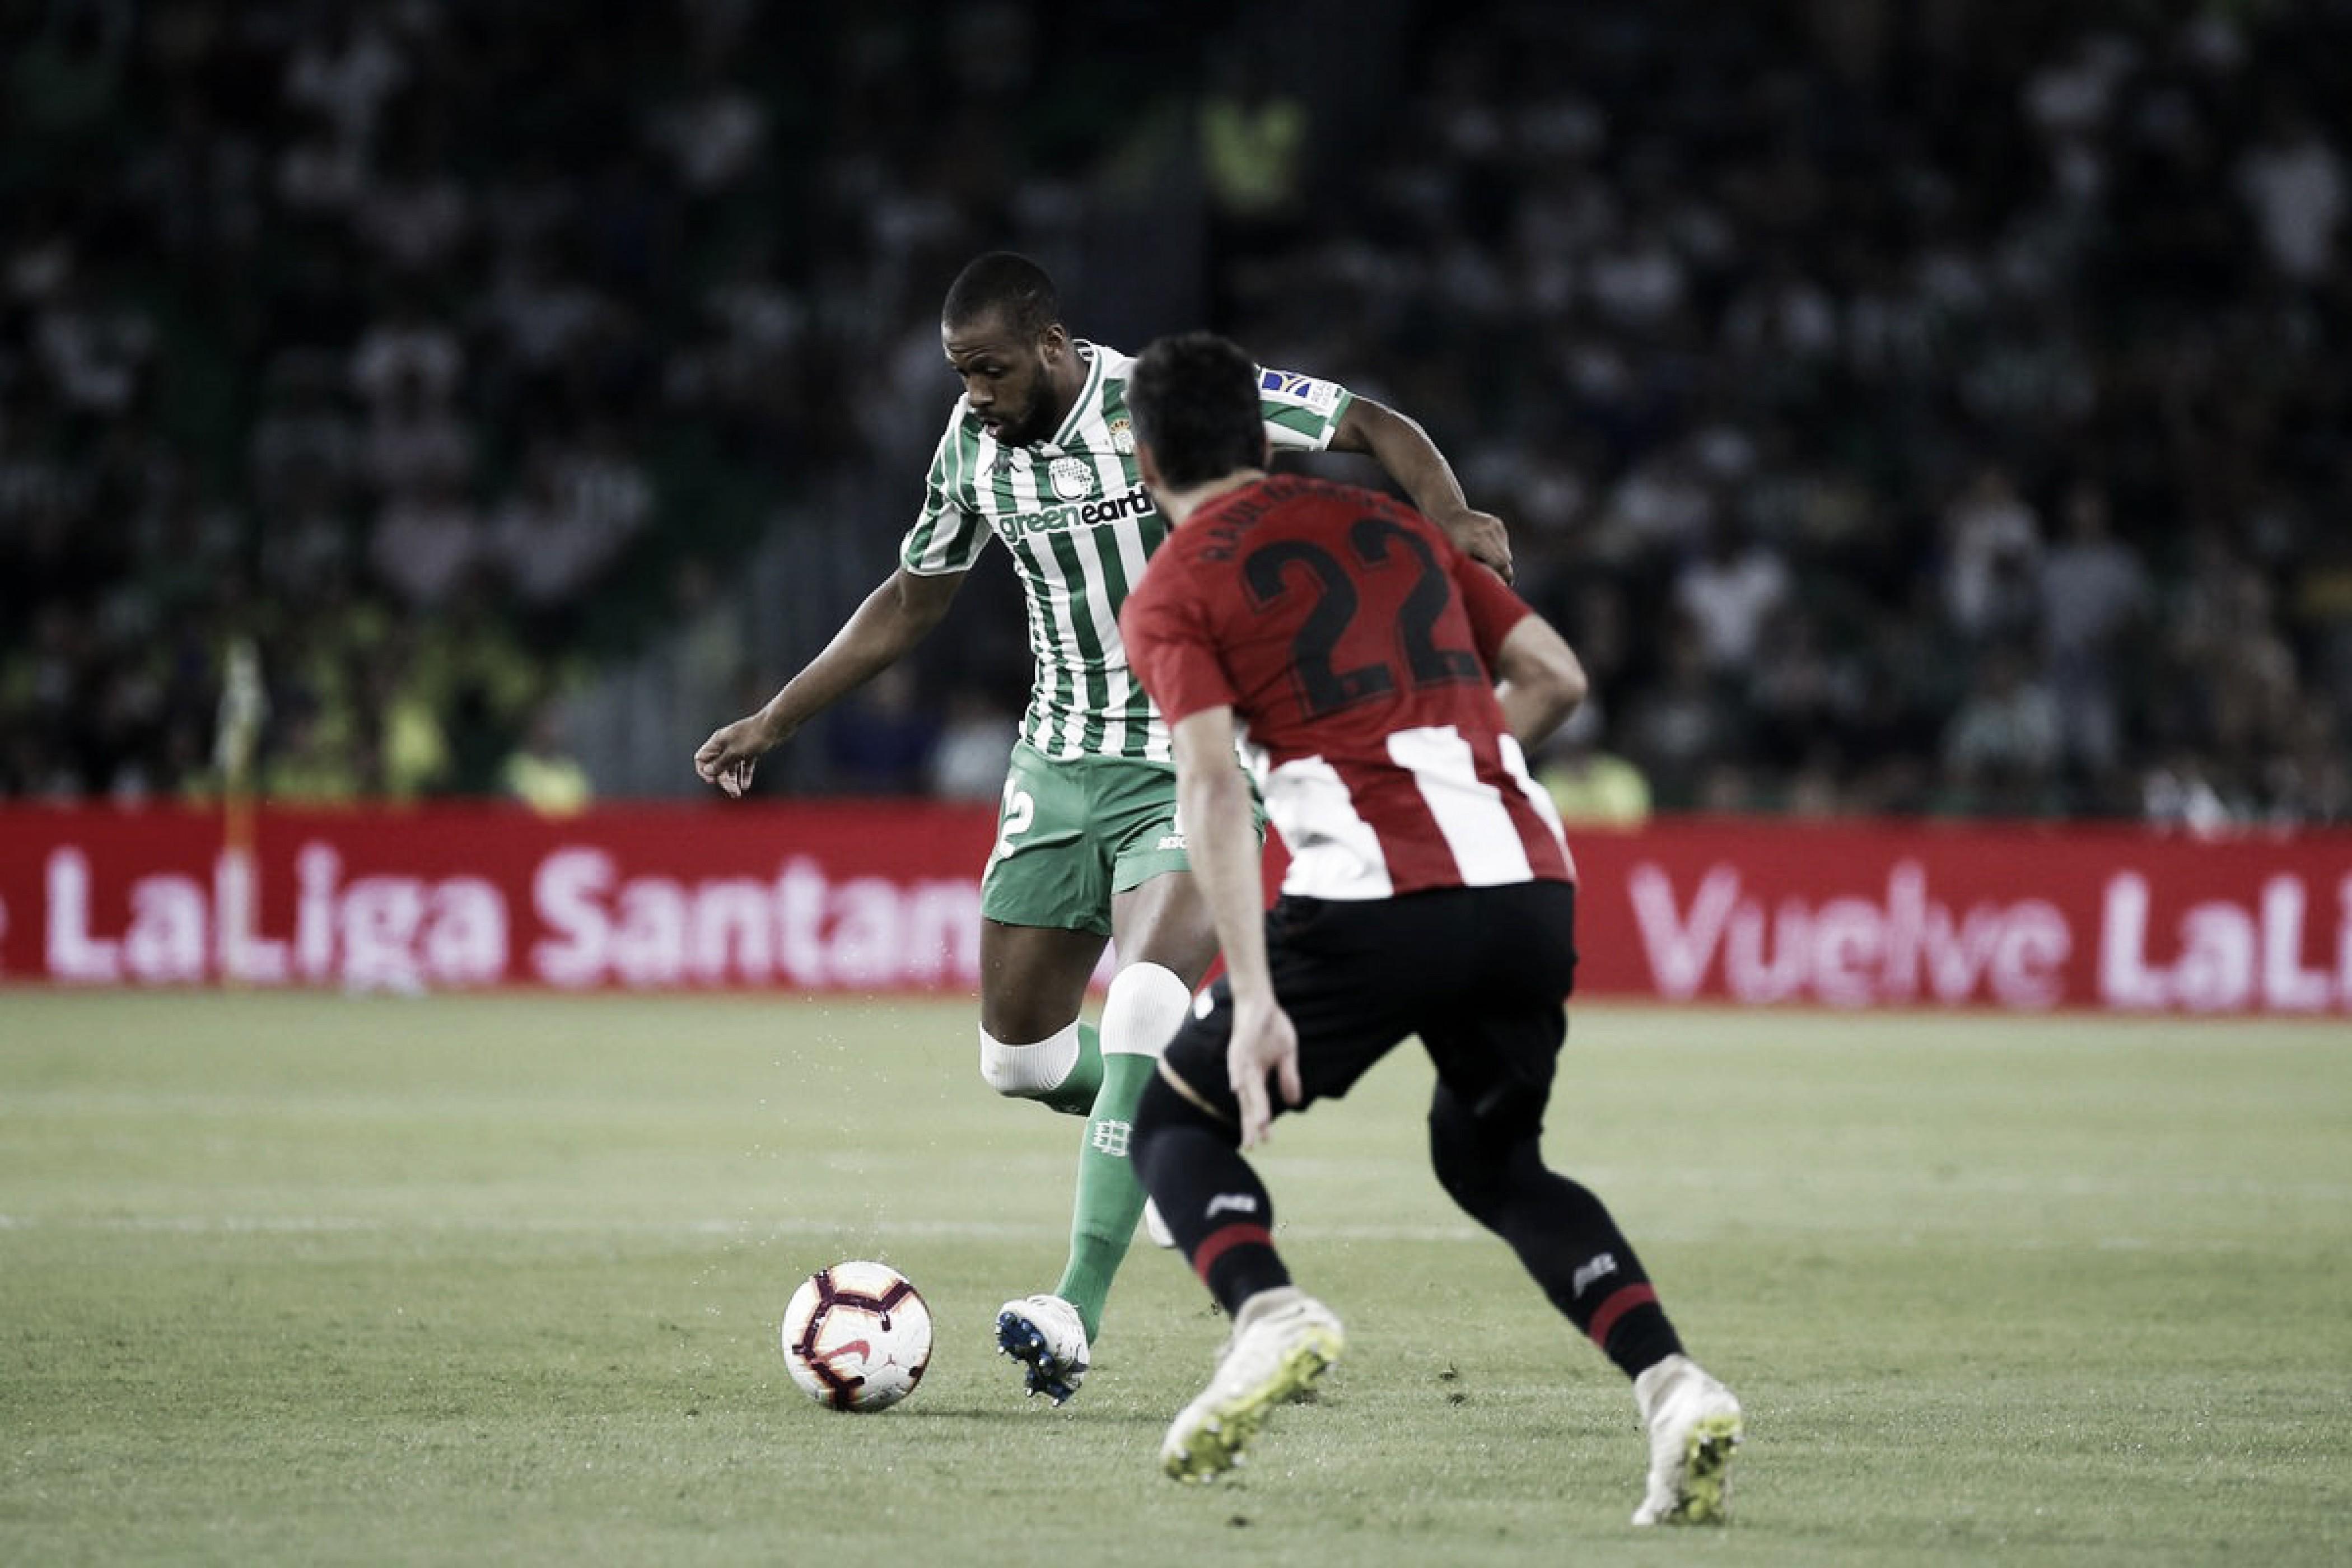 Real Betis sai atrás, mas consegue recuperação e empata em casa com Athletic Bilbao